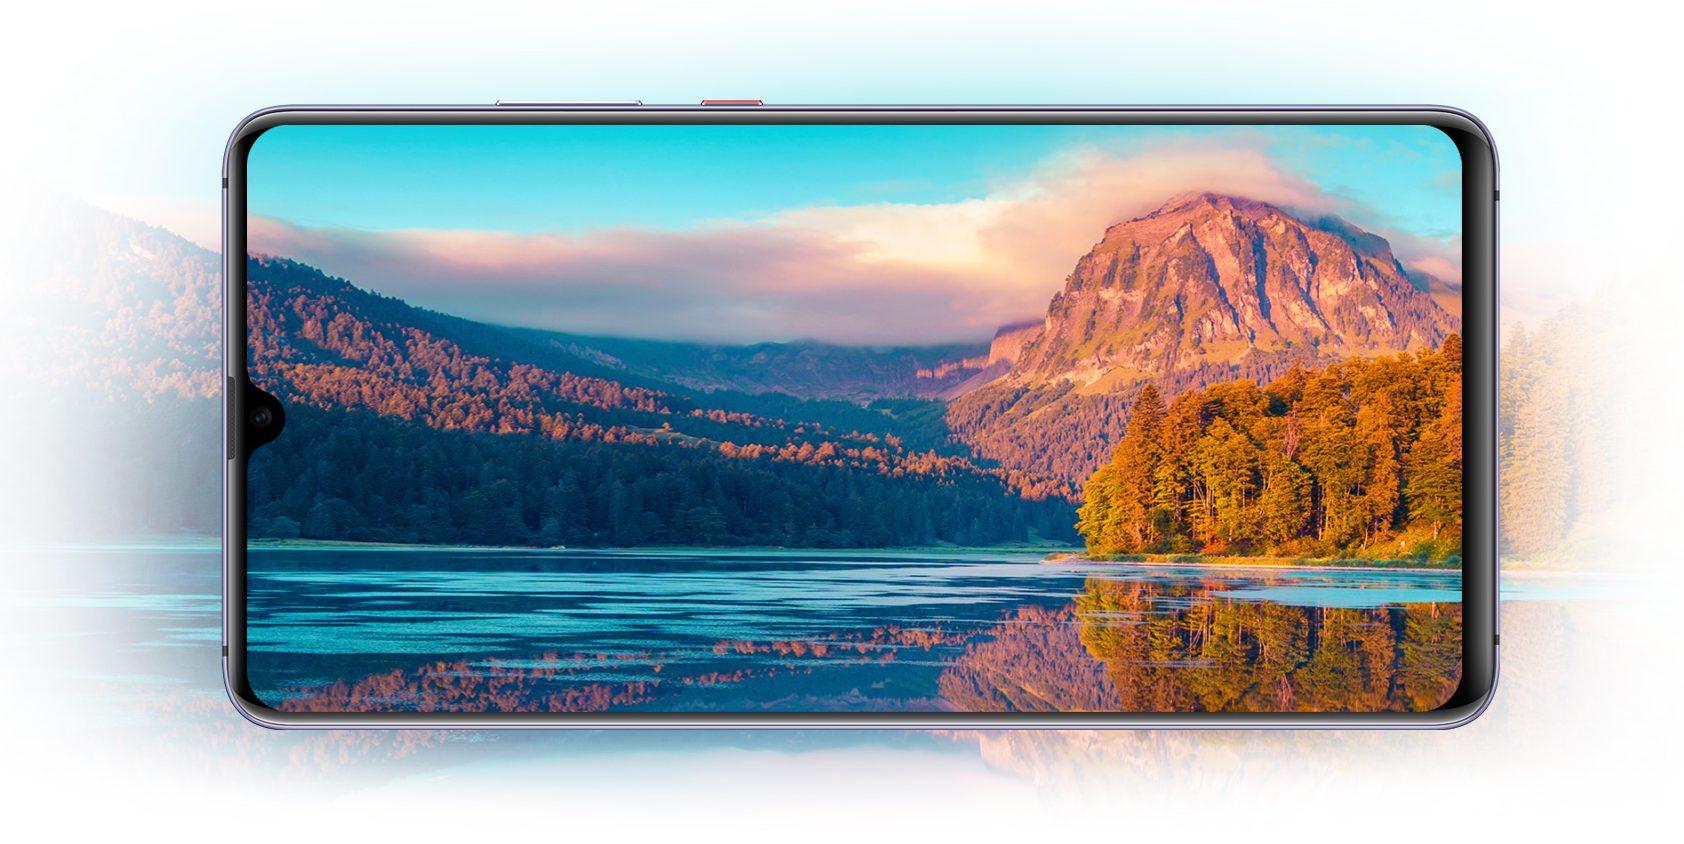 Huawei-mate20-x-e1542855375693